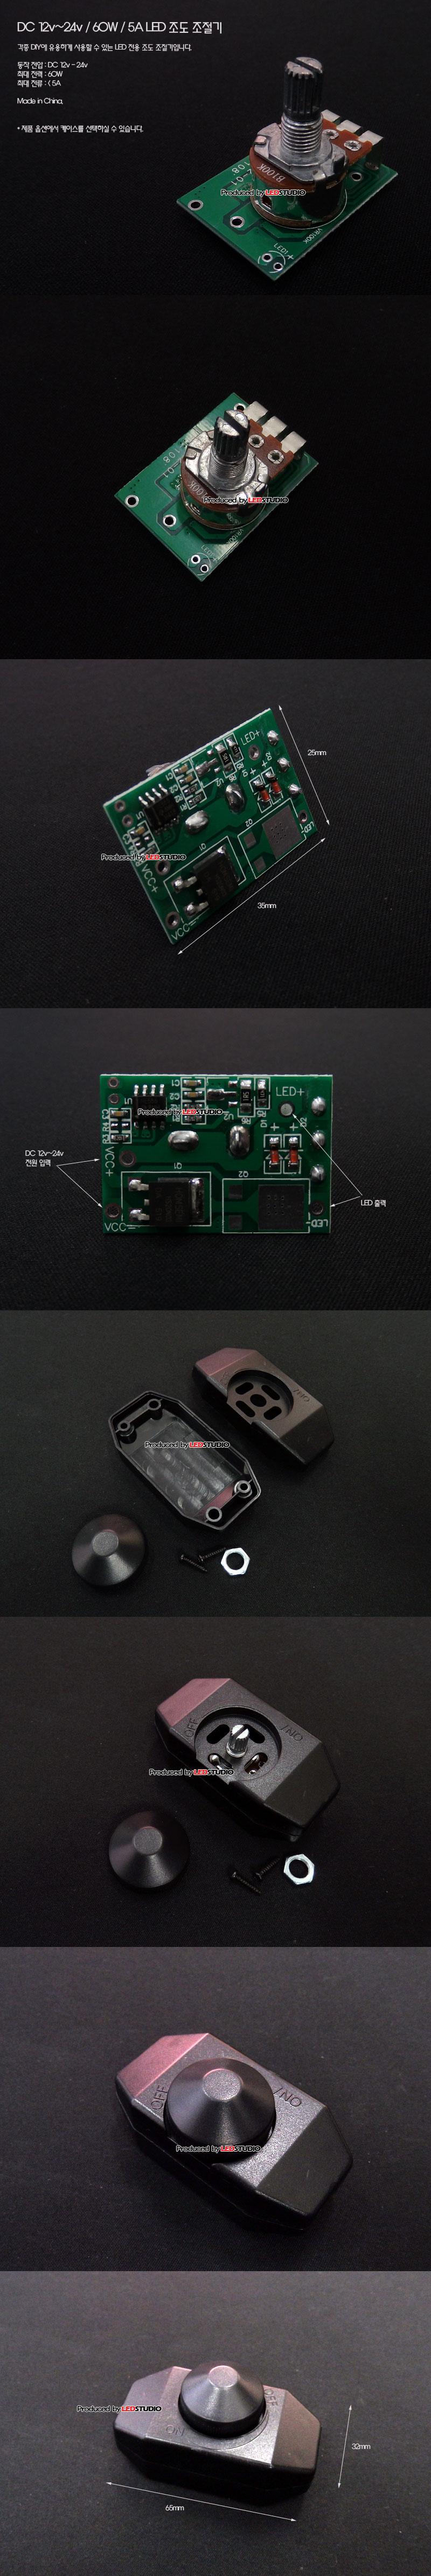 DC 12v~24v / 60W / 5A LED 조도 조절기